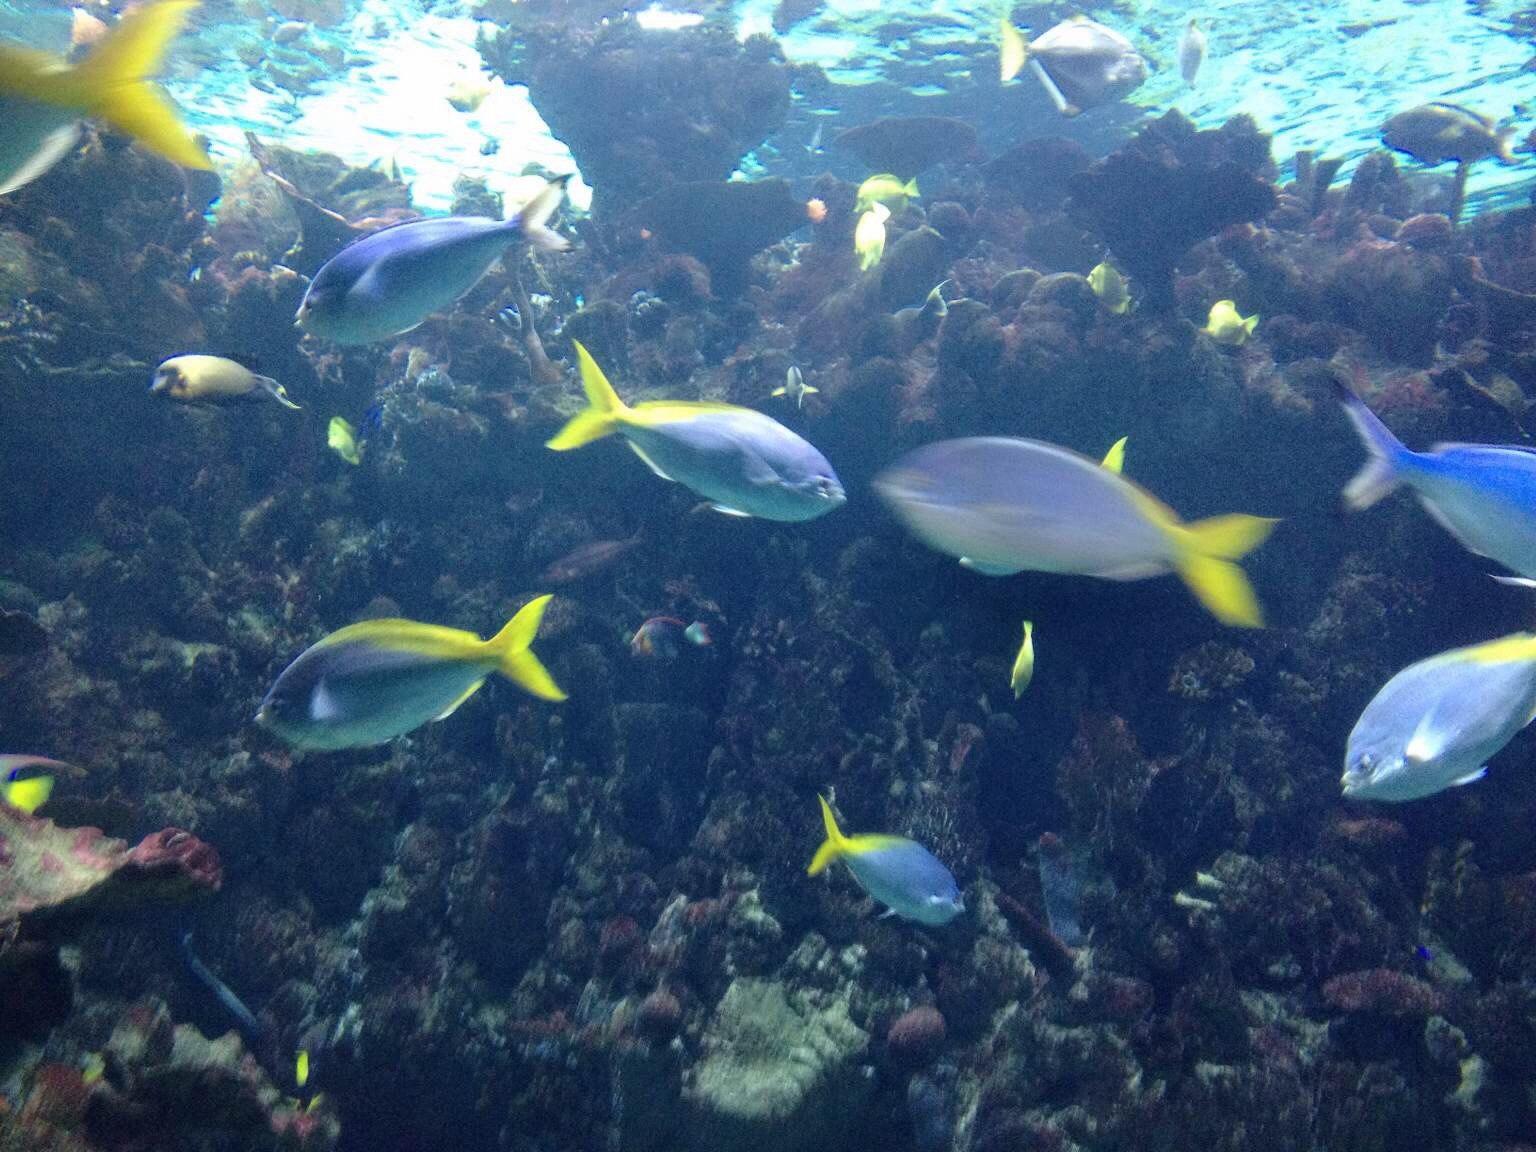 壁纸 海底 海底世界 海洋馆 水族馆 1536_1152